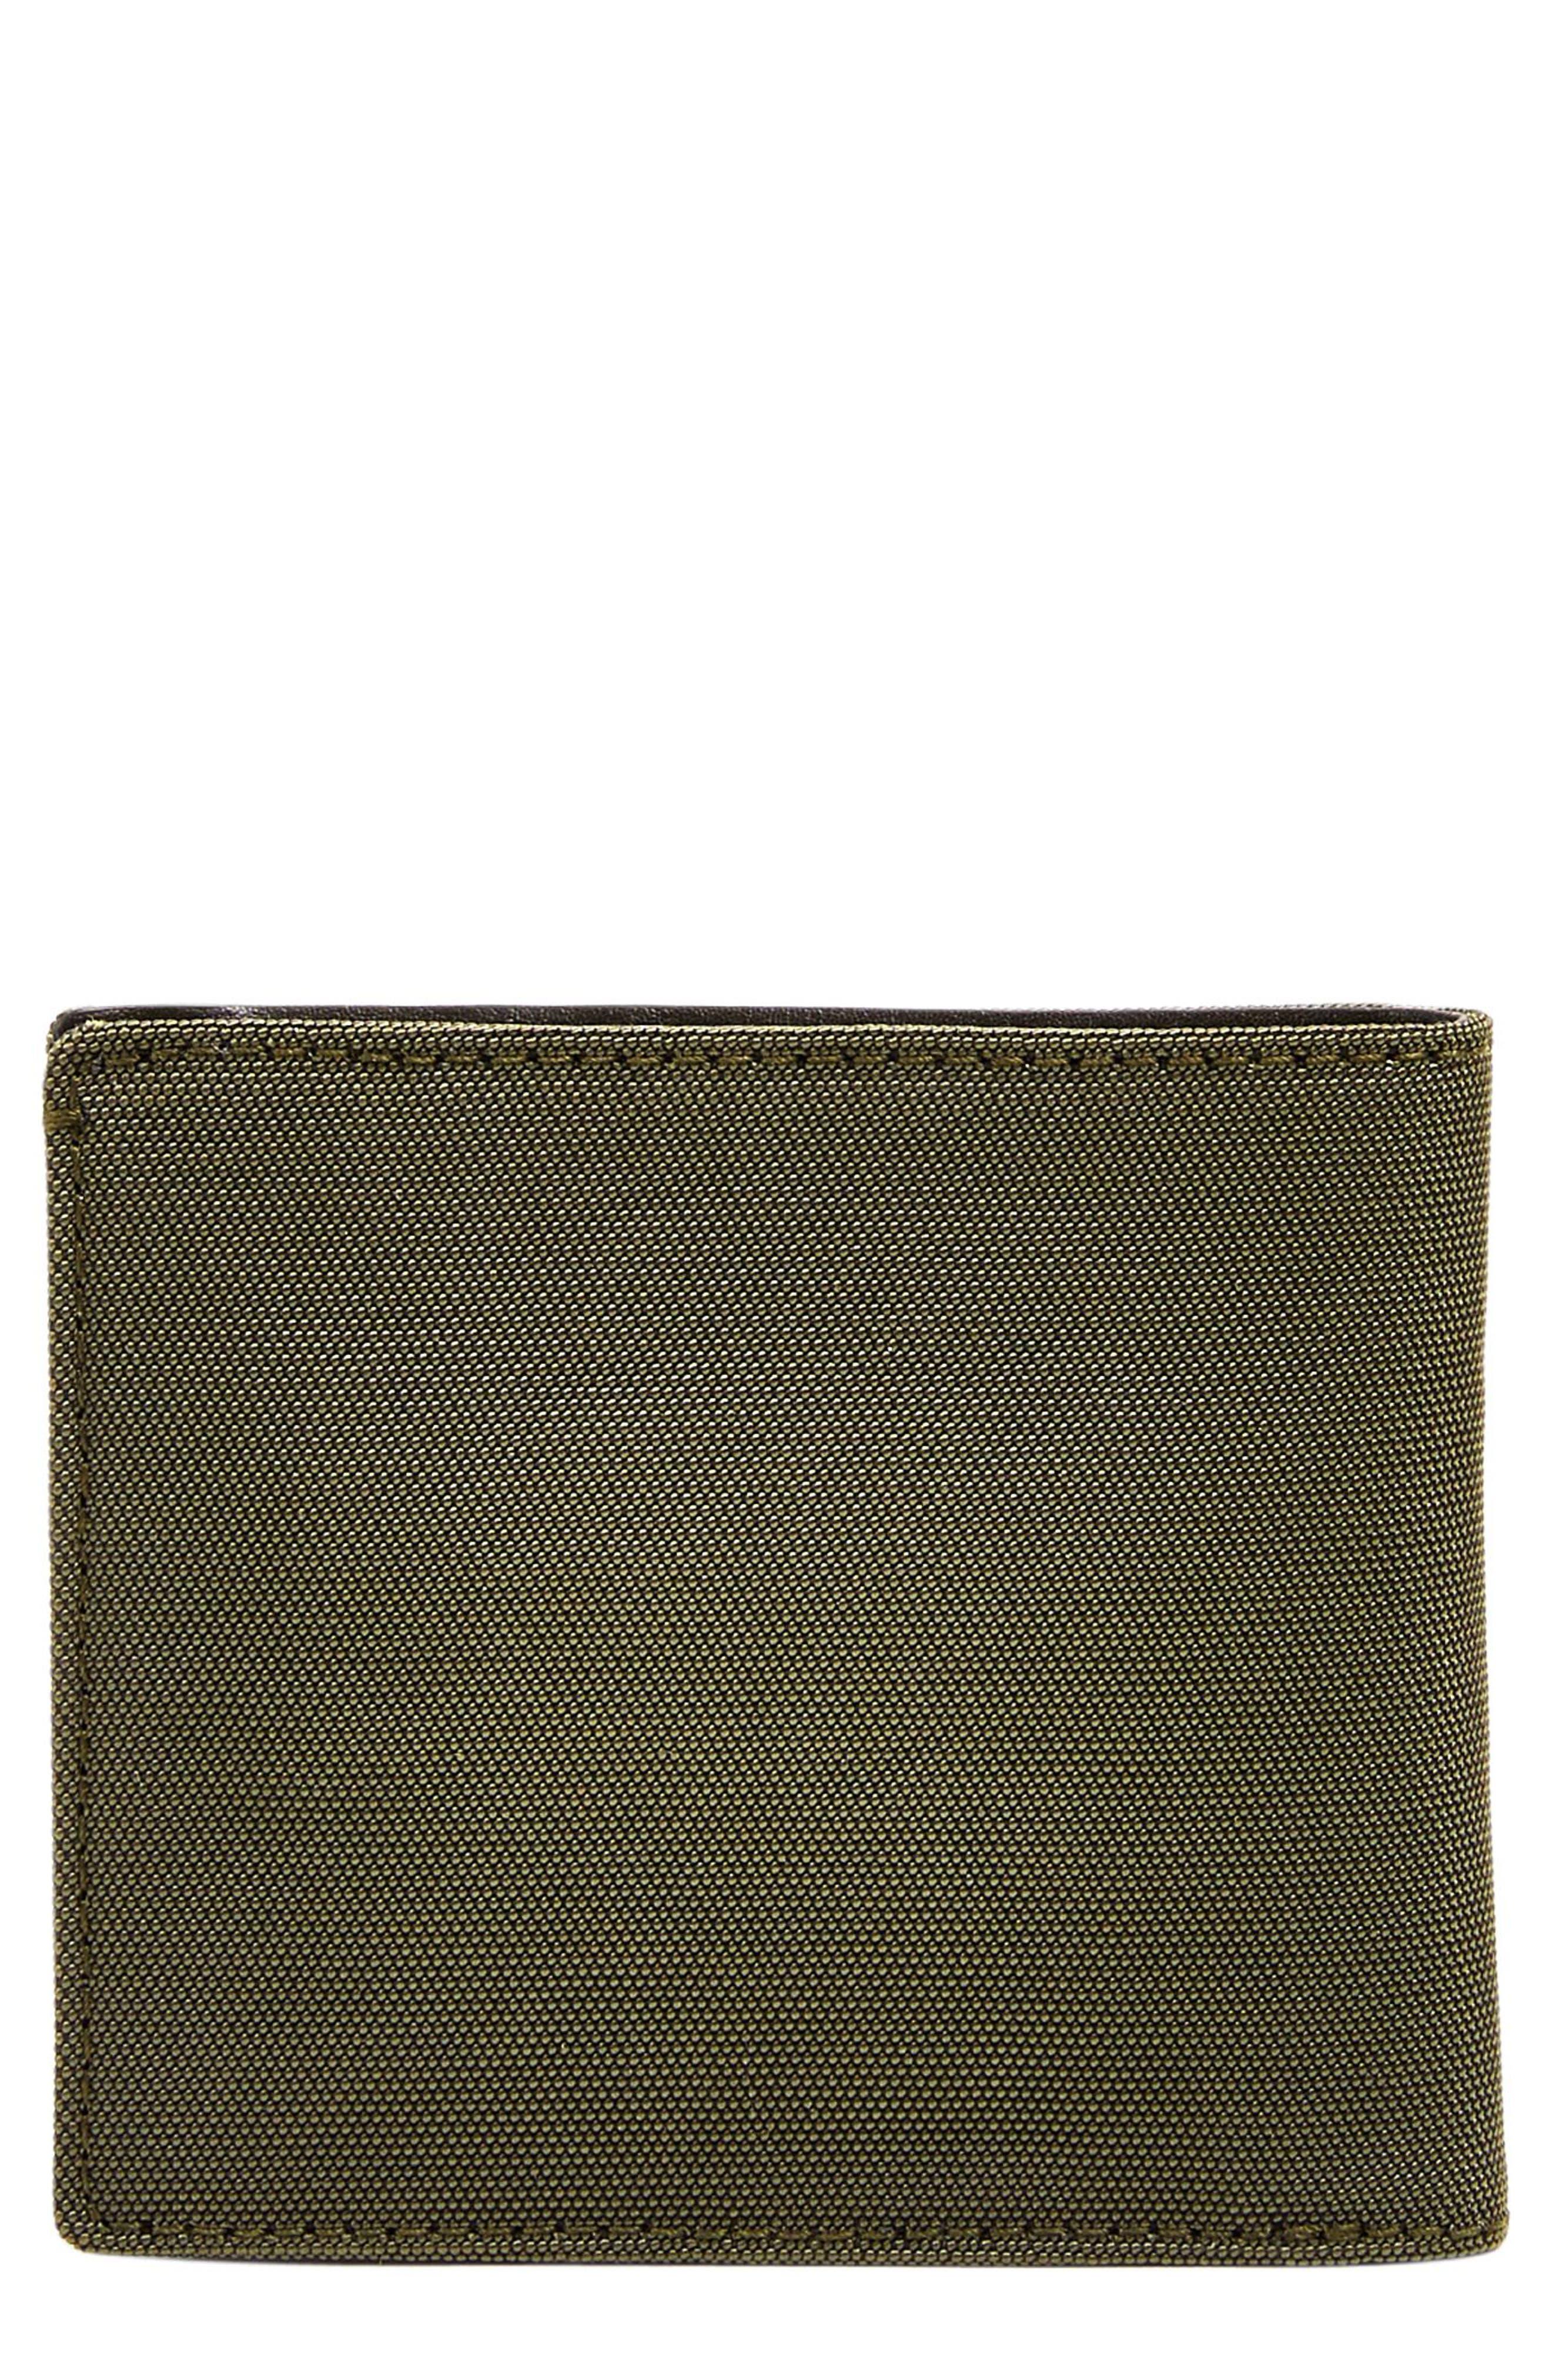 Passcase Wallet,                             Main thumbnail 1, color,                             348